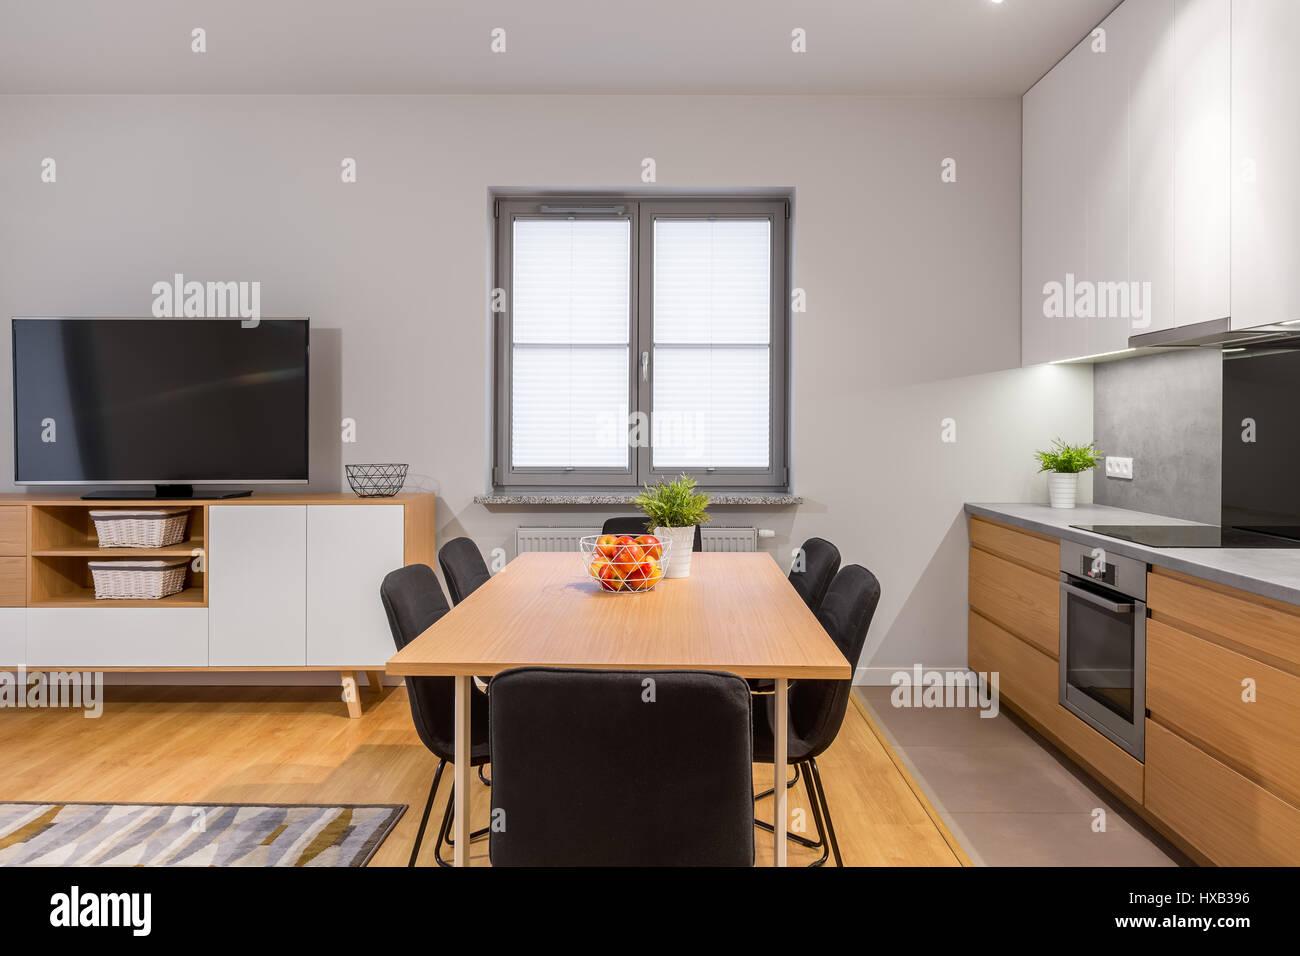 Modern open space appartamento con cucina, sala da pranzo e ...